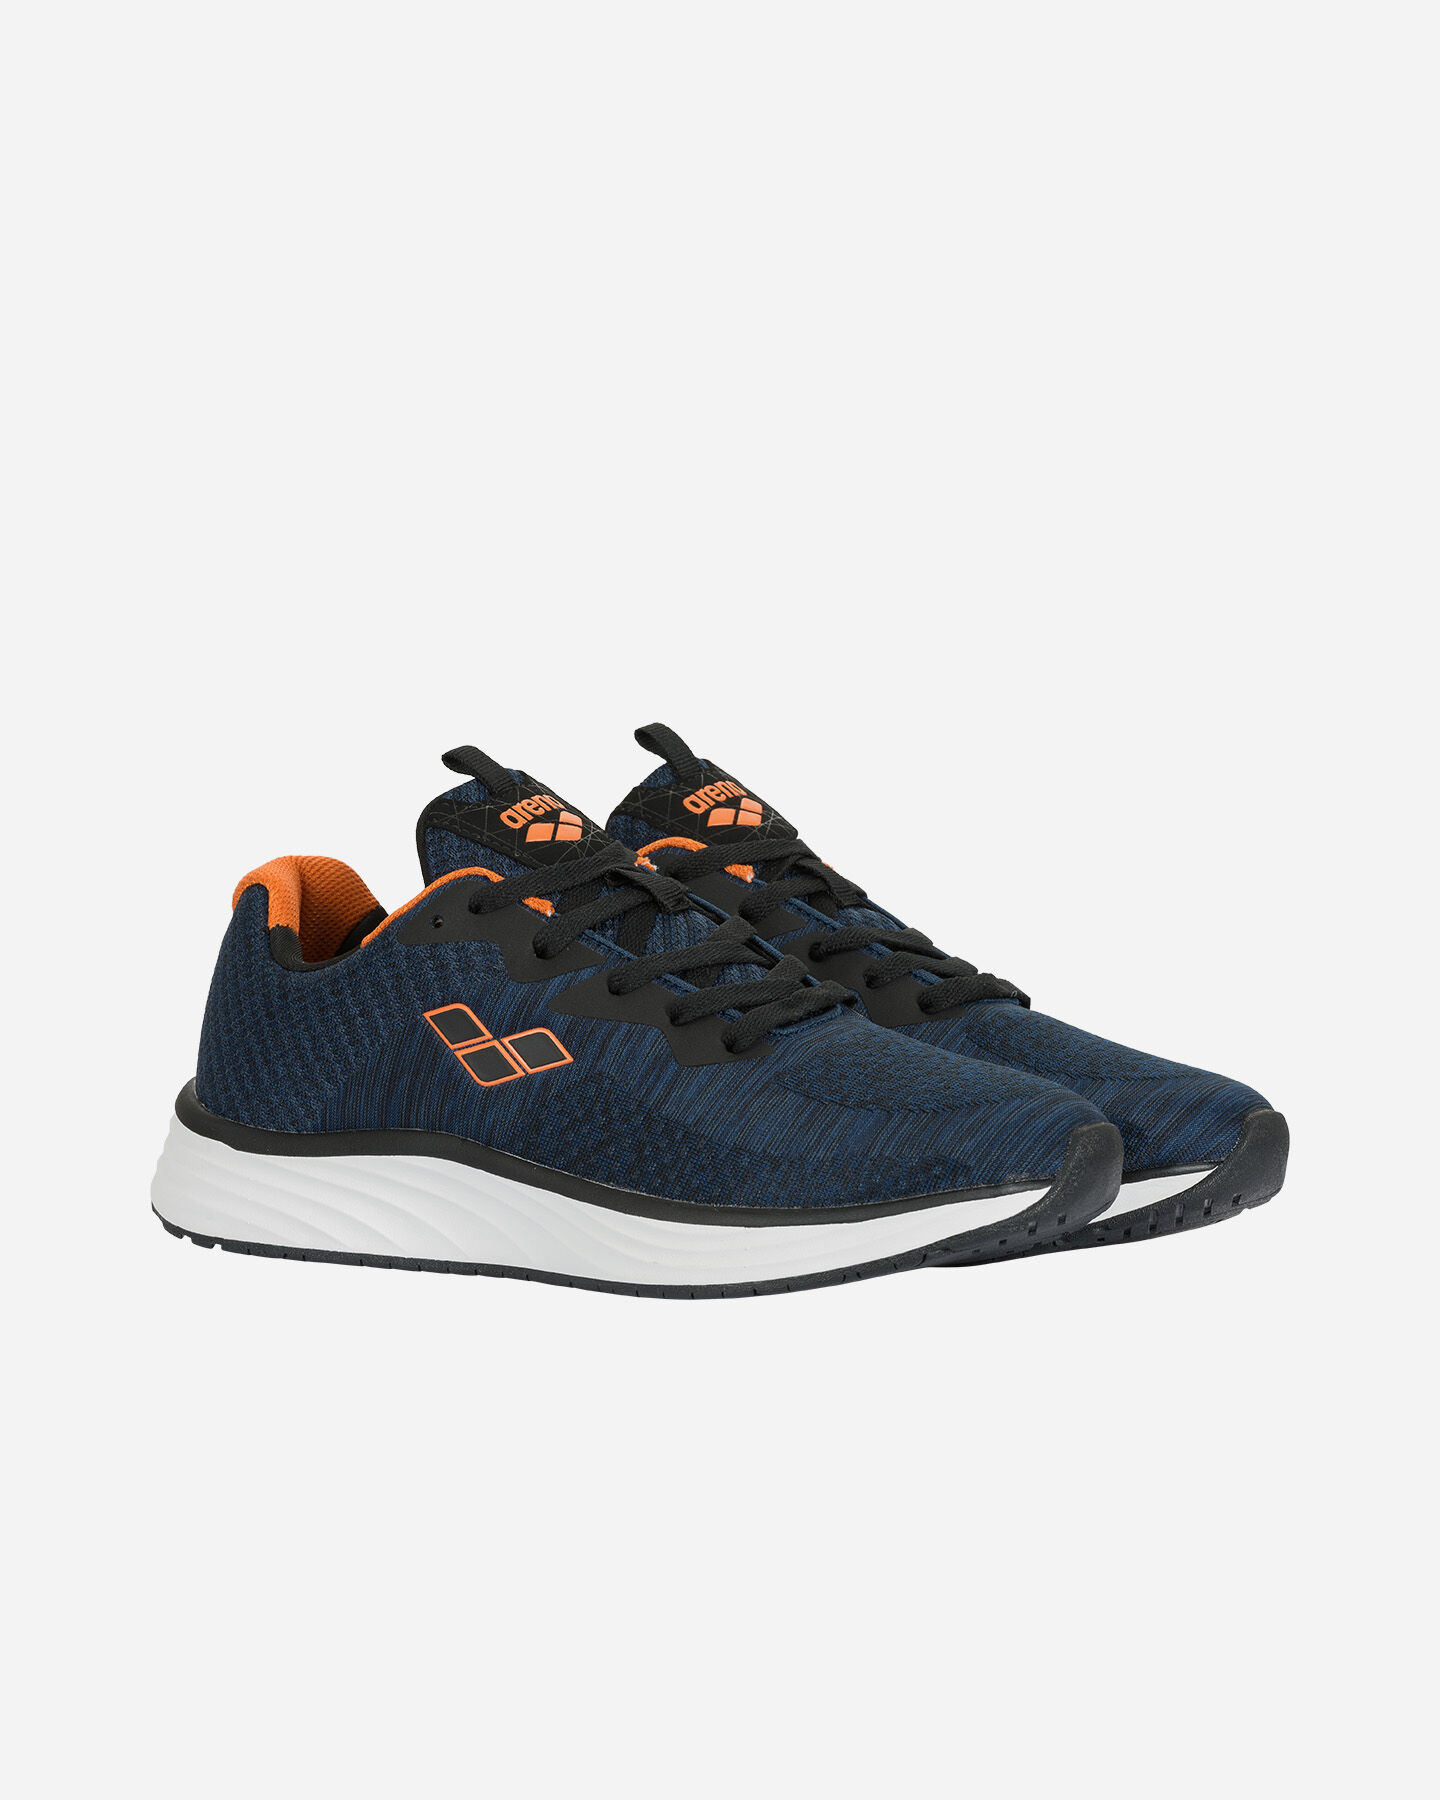 Scarpe sneakers ARENA FASTRACK FLYKNIT M S4083857 scatto 1